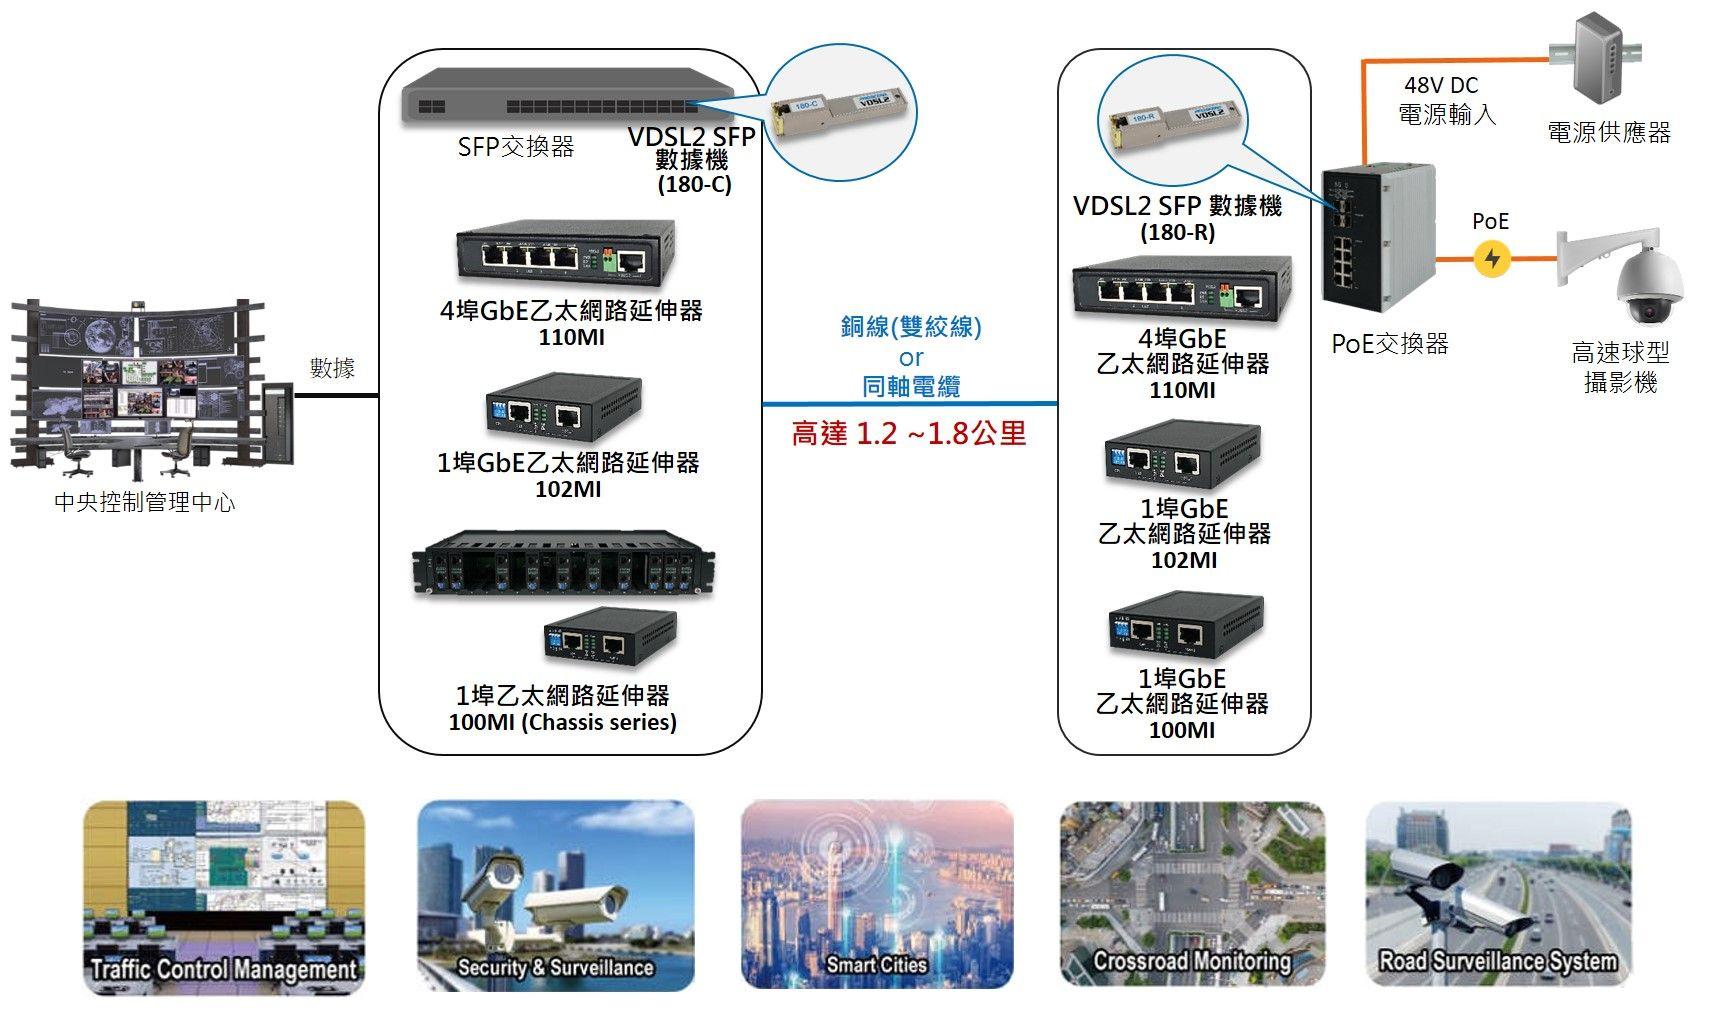 昇頻公司提供可靠的VDSL2乙太網路延伸解決方案